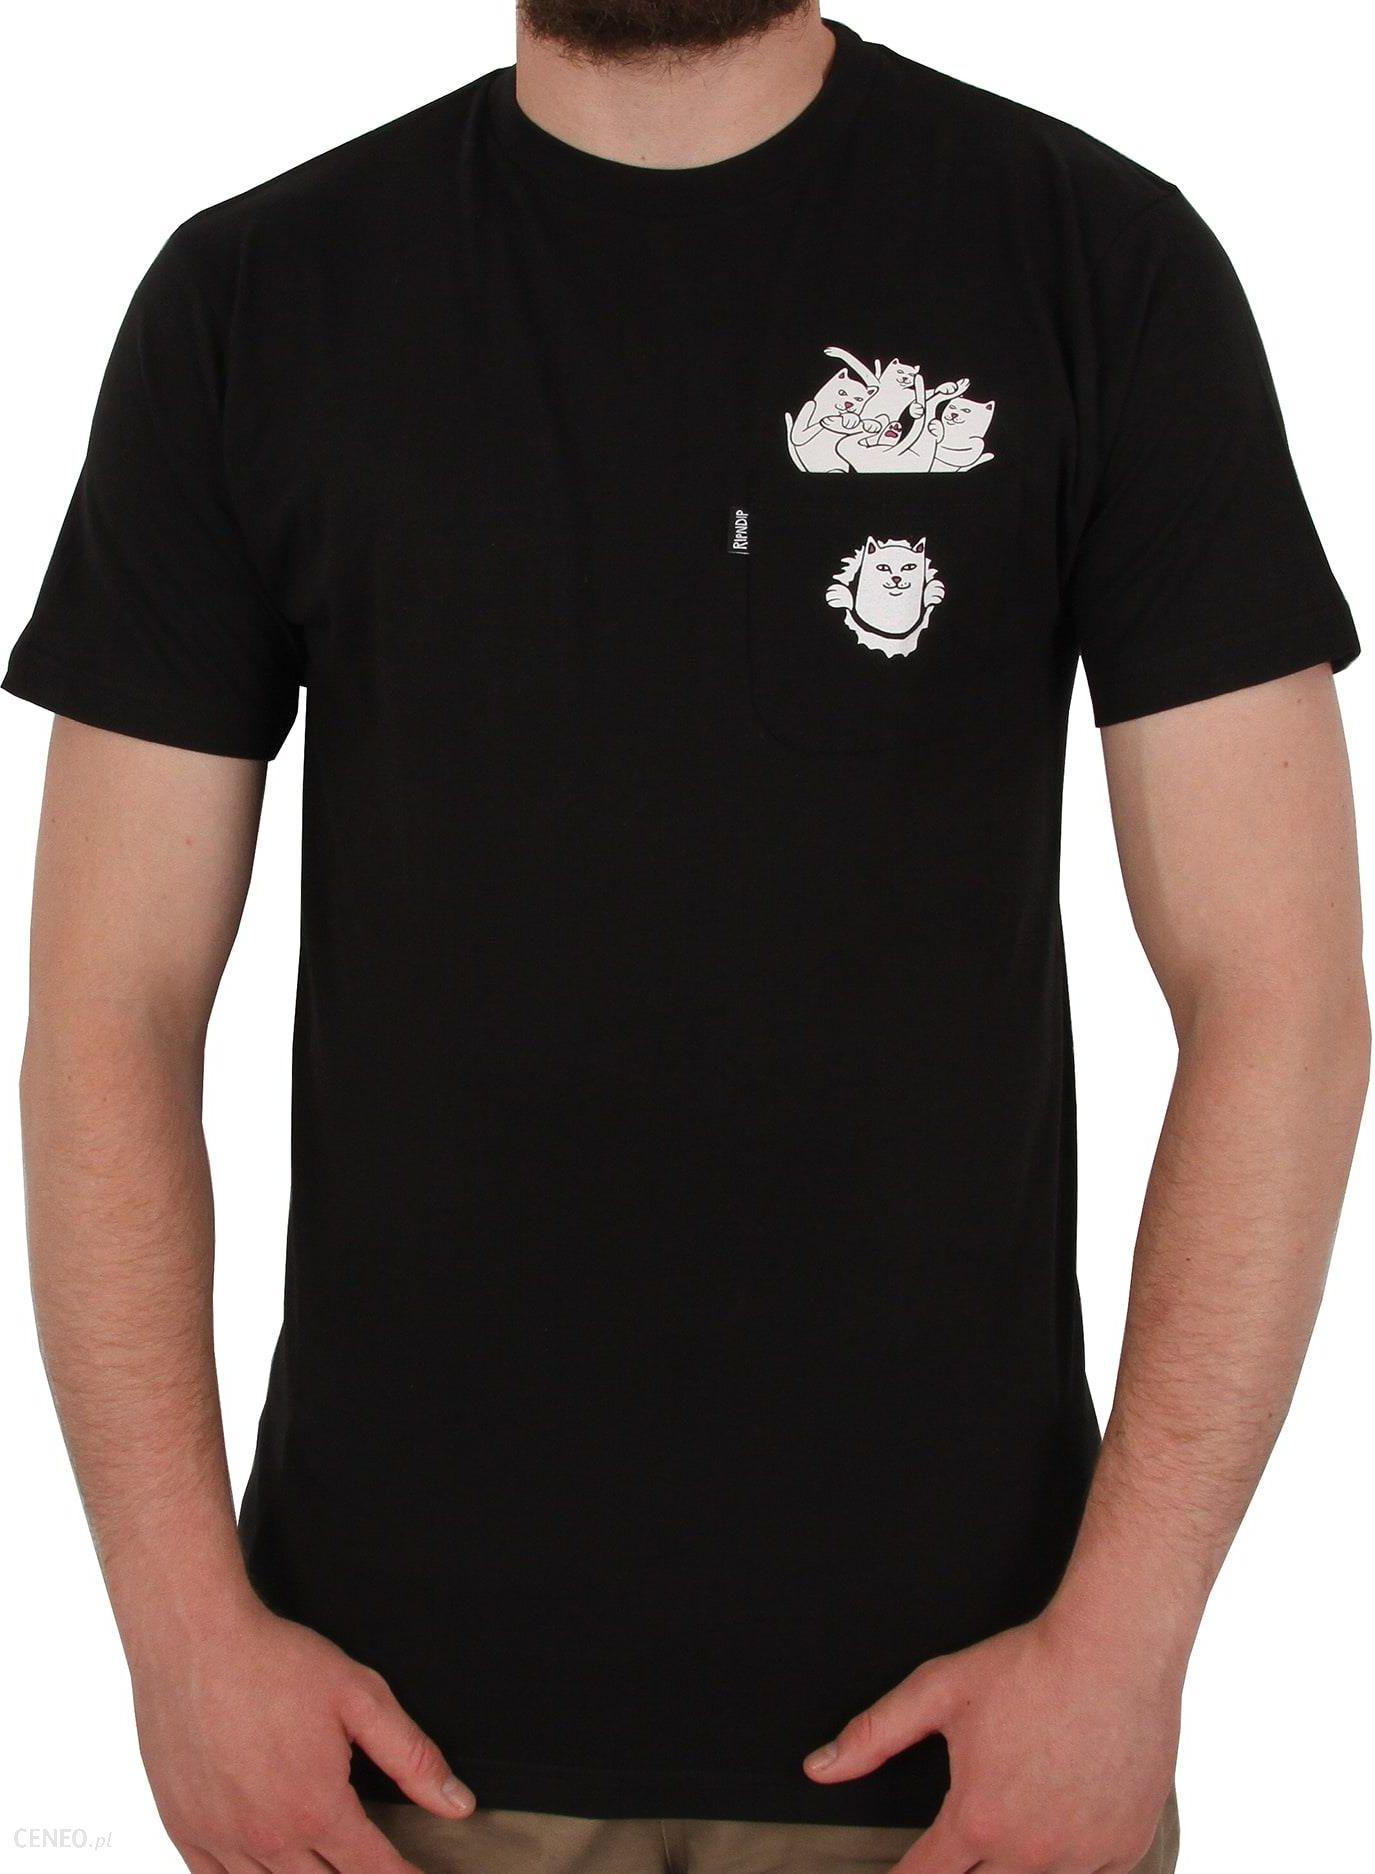 RIPNDIP Stuffed T Shirt Black Ceneo.pl